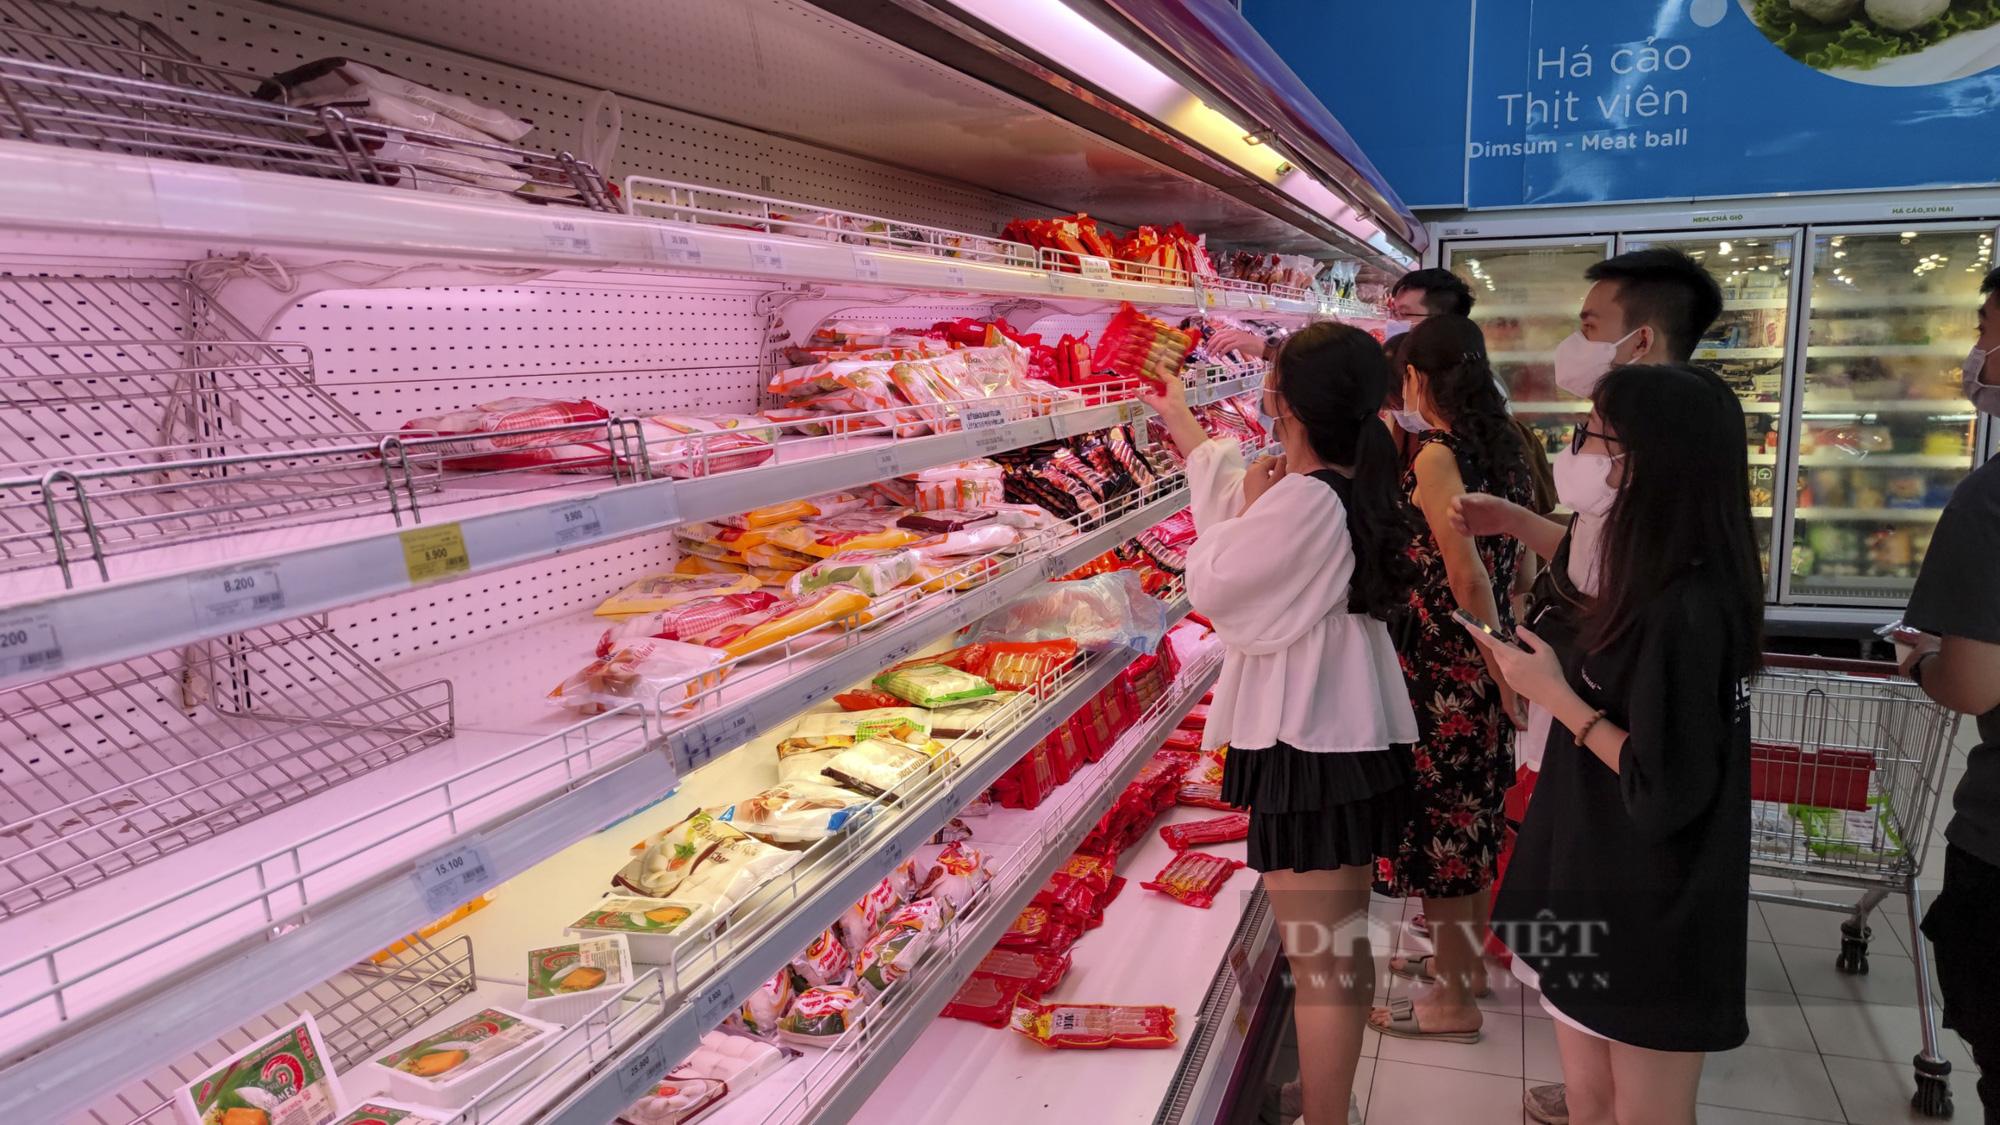 Người dân Hà Nội đổ xô đi mua thực phẩm dự trữ - Ảnh 3.